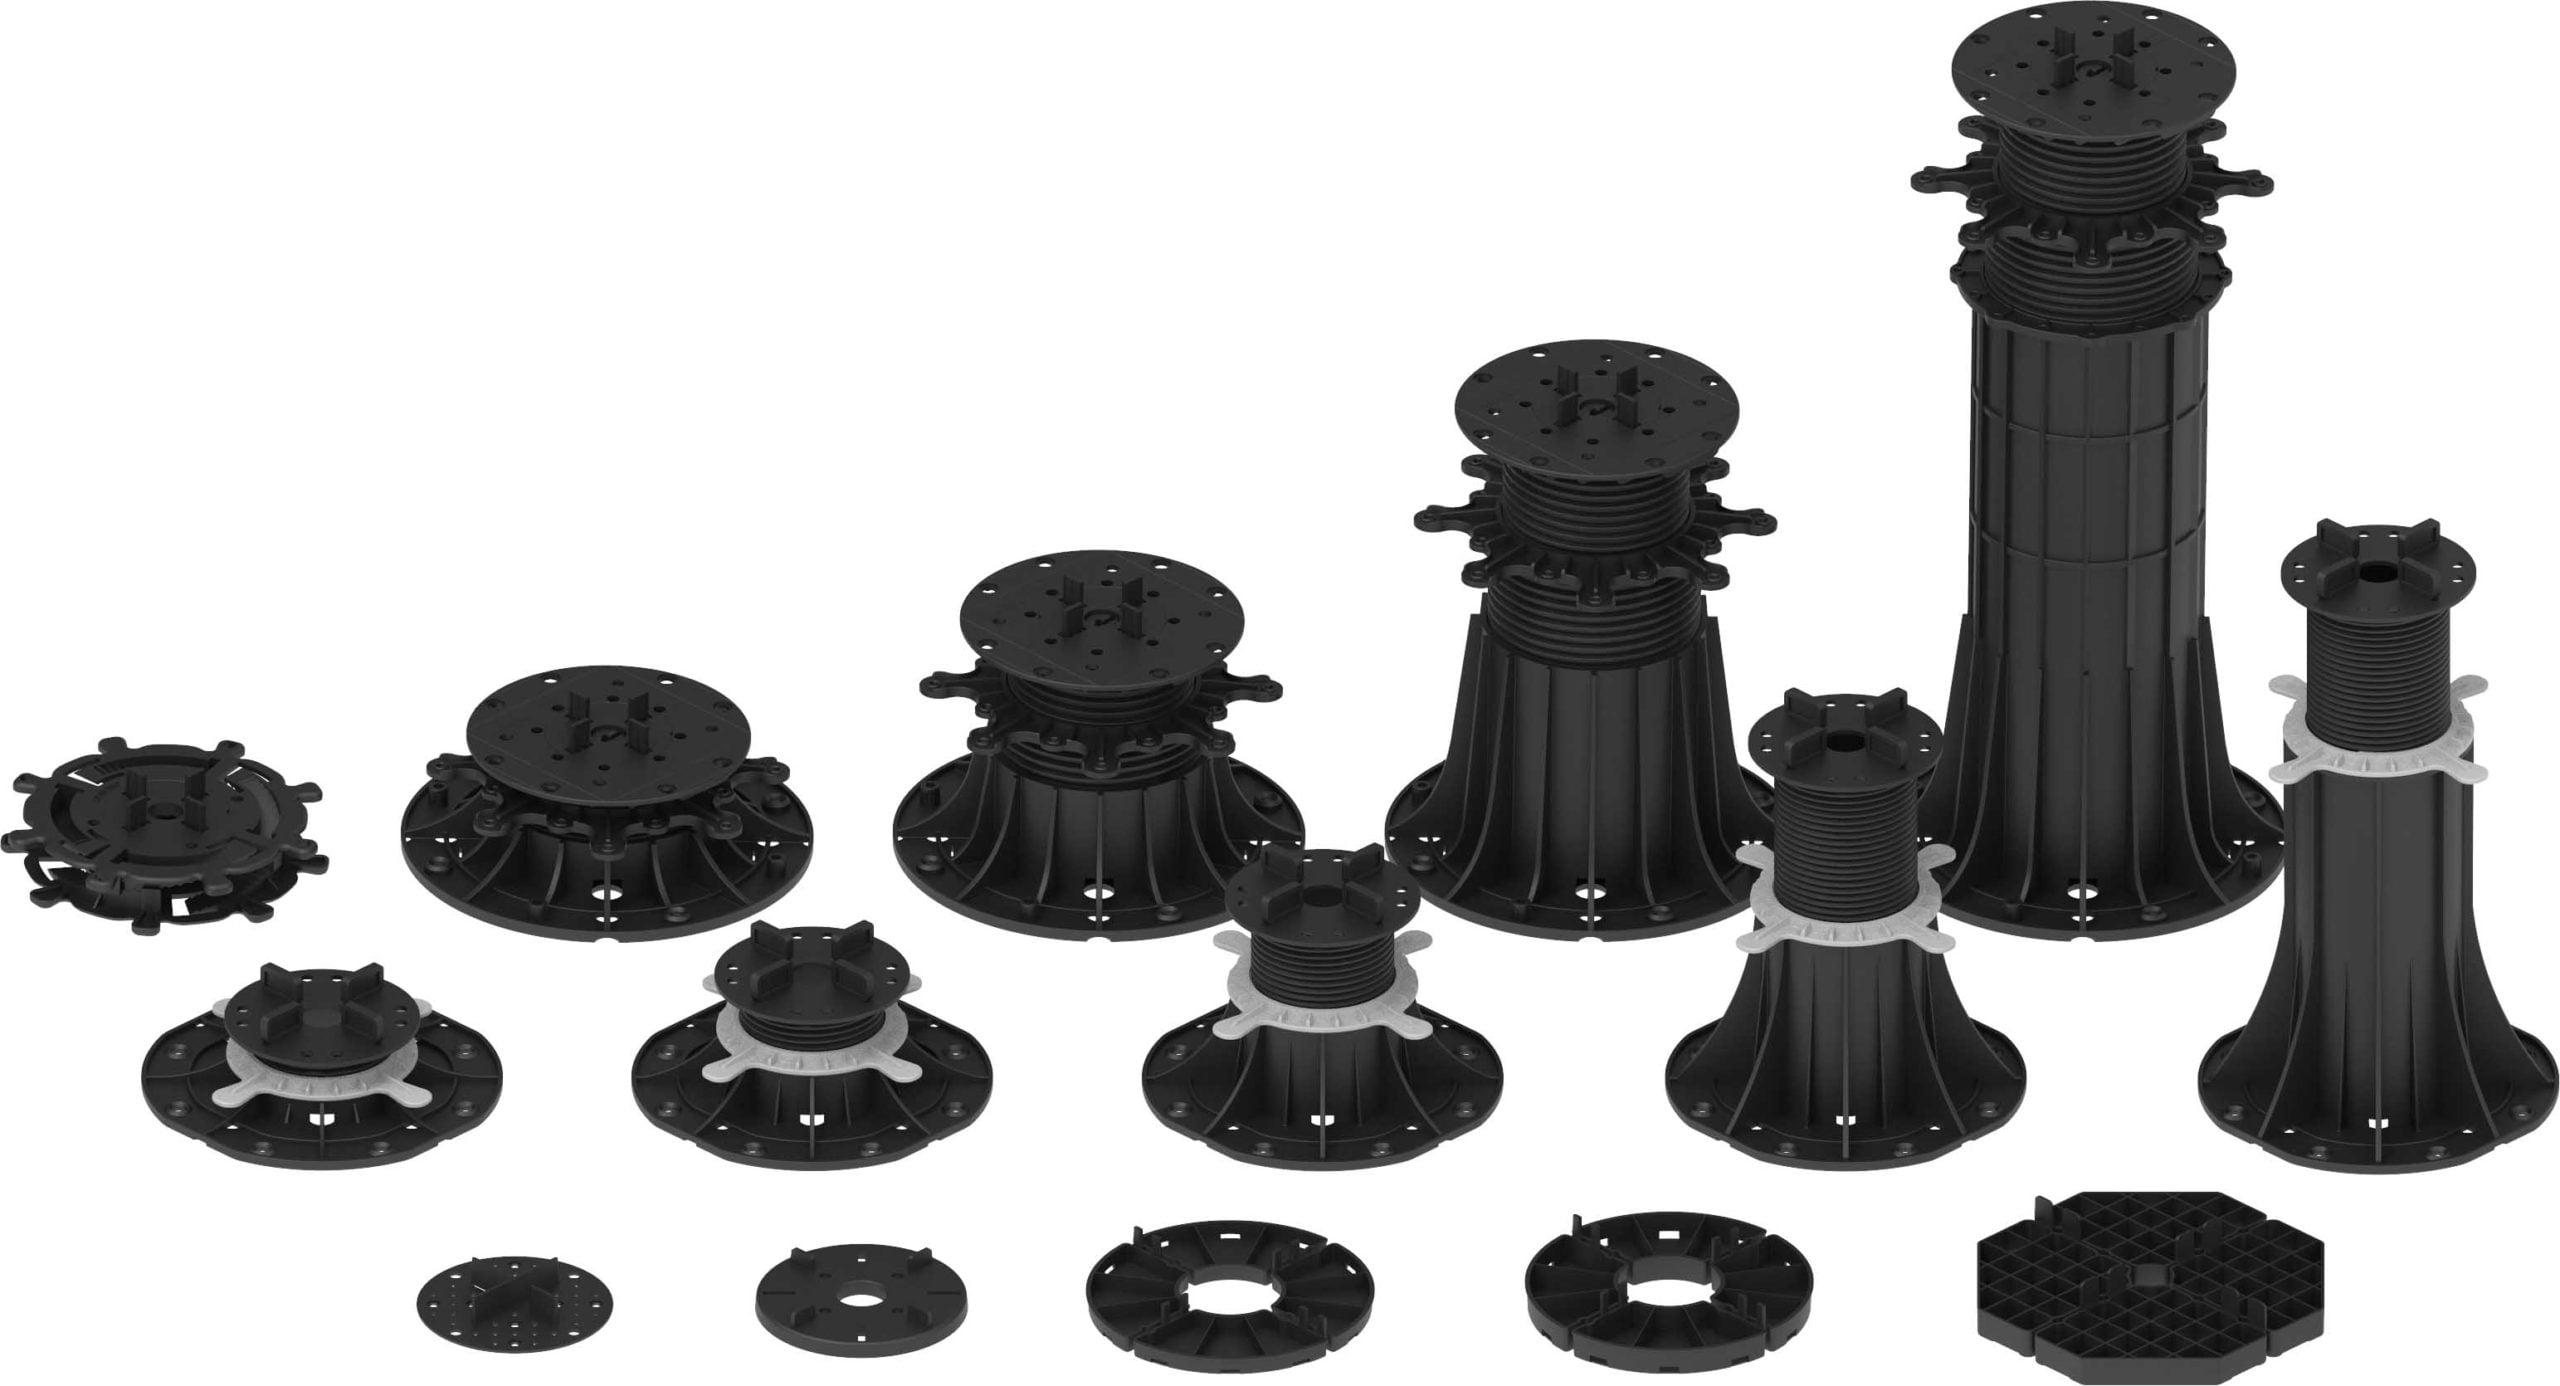 comparaison des séries disponibles de supports de terrasse